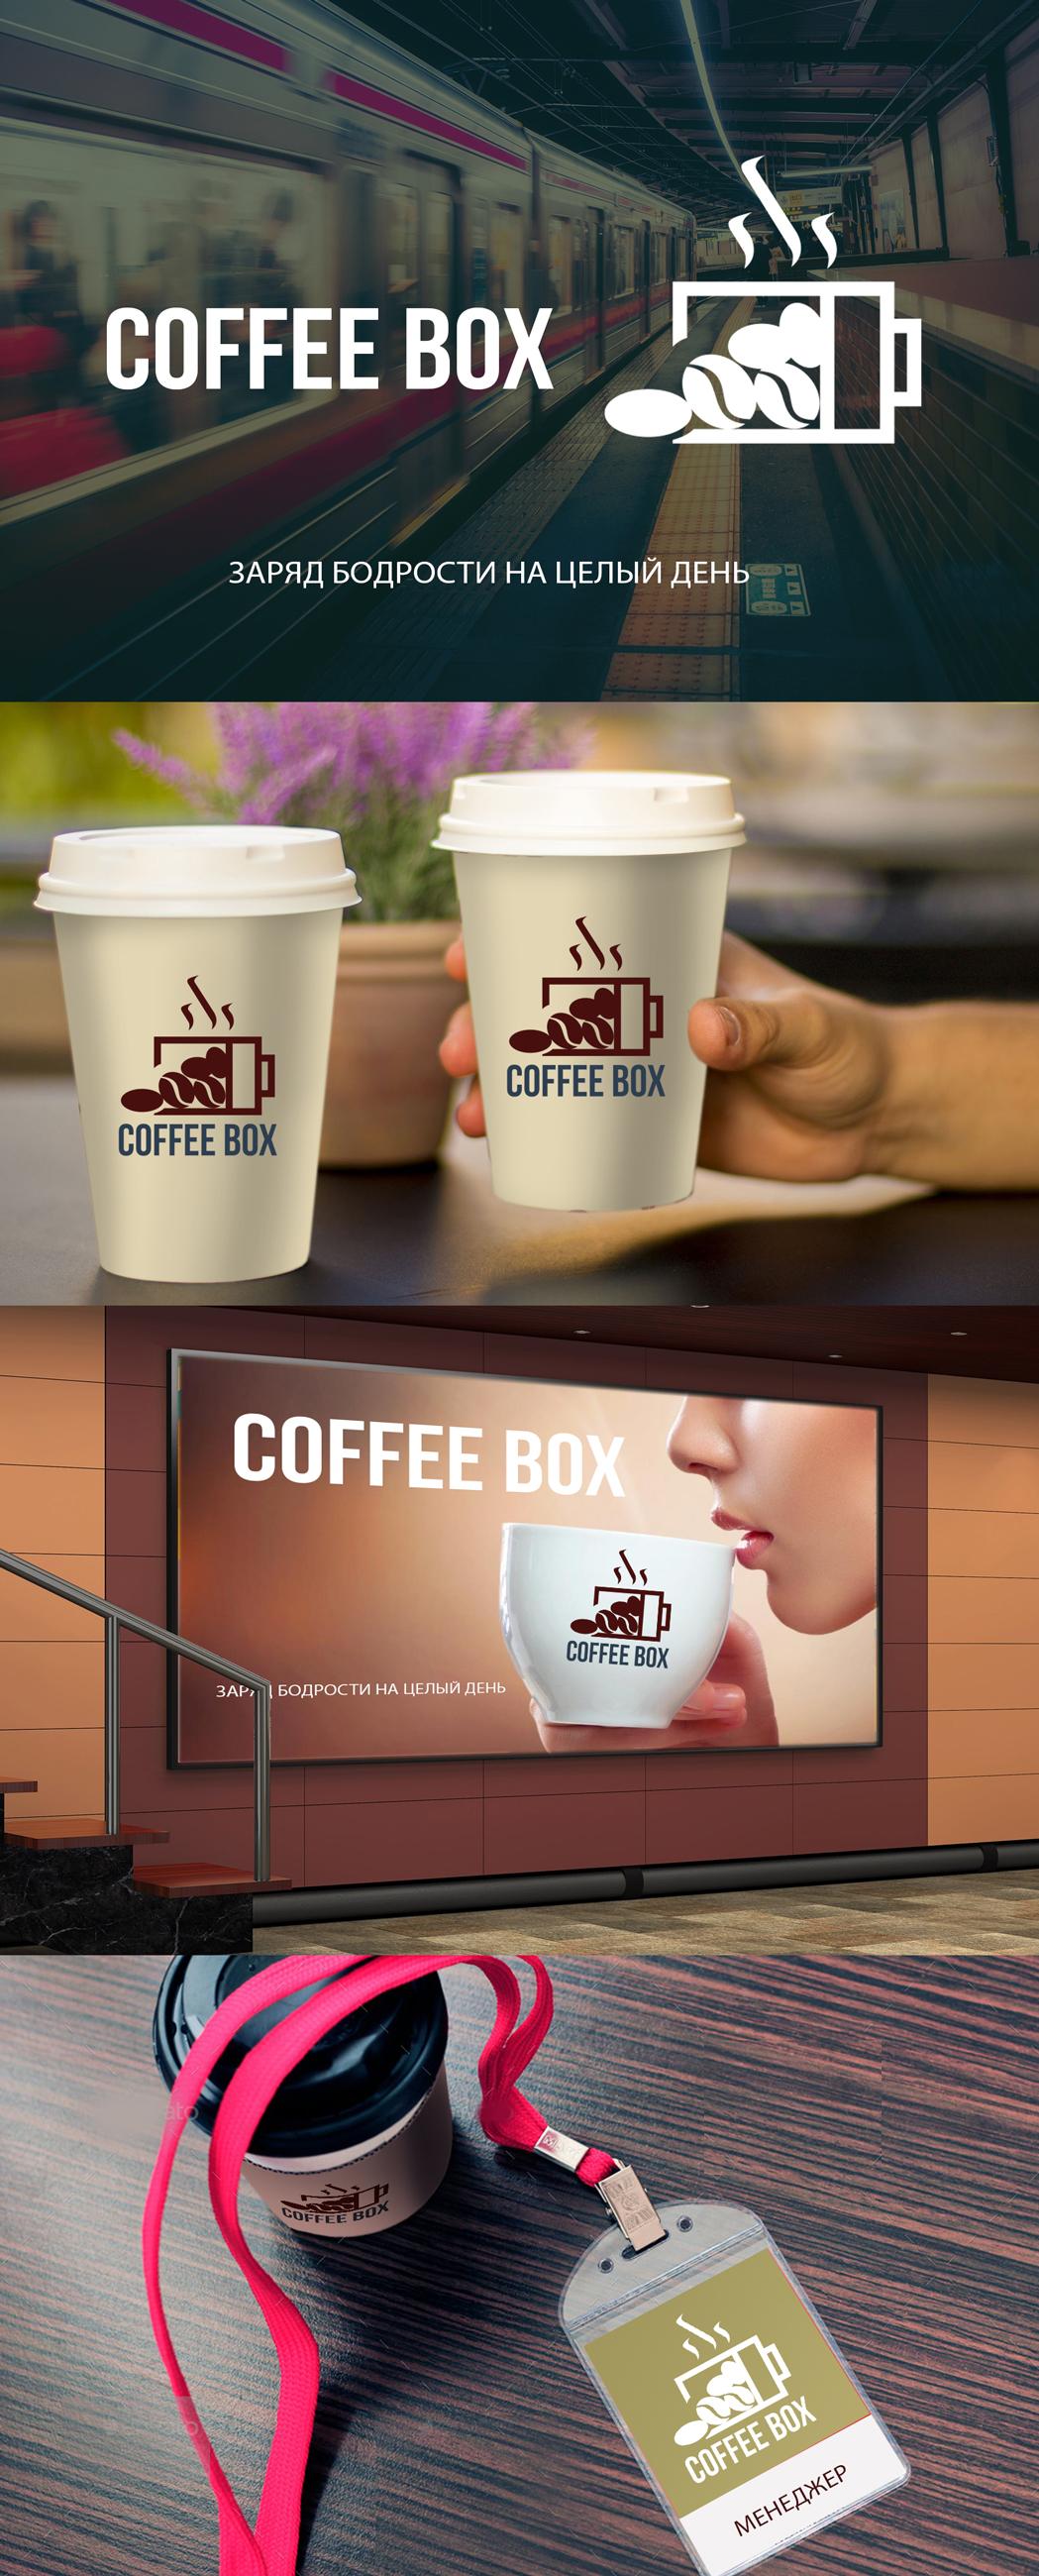 Требуется очень срочно разработать логотип кофейни! фото f_2015a1558c9e3cb7.jpg